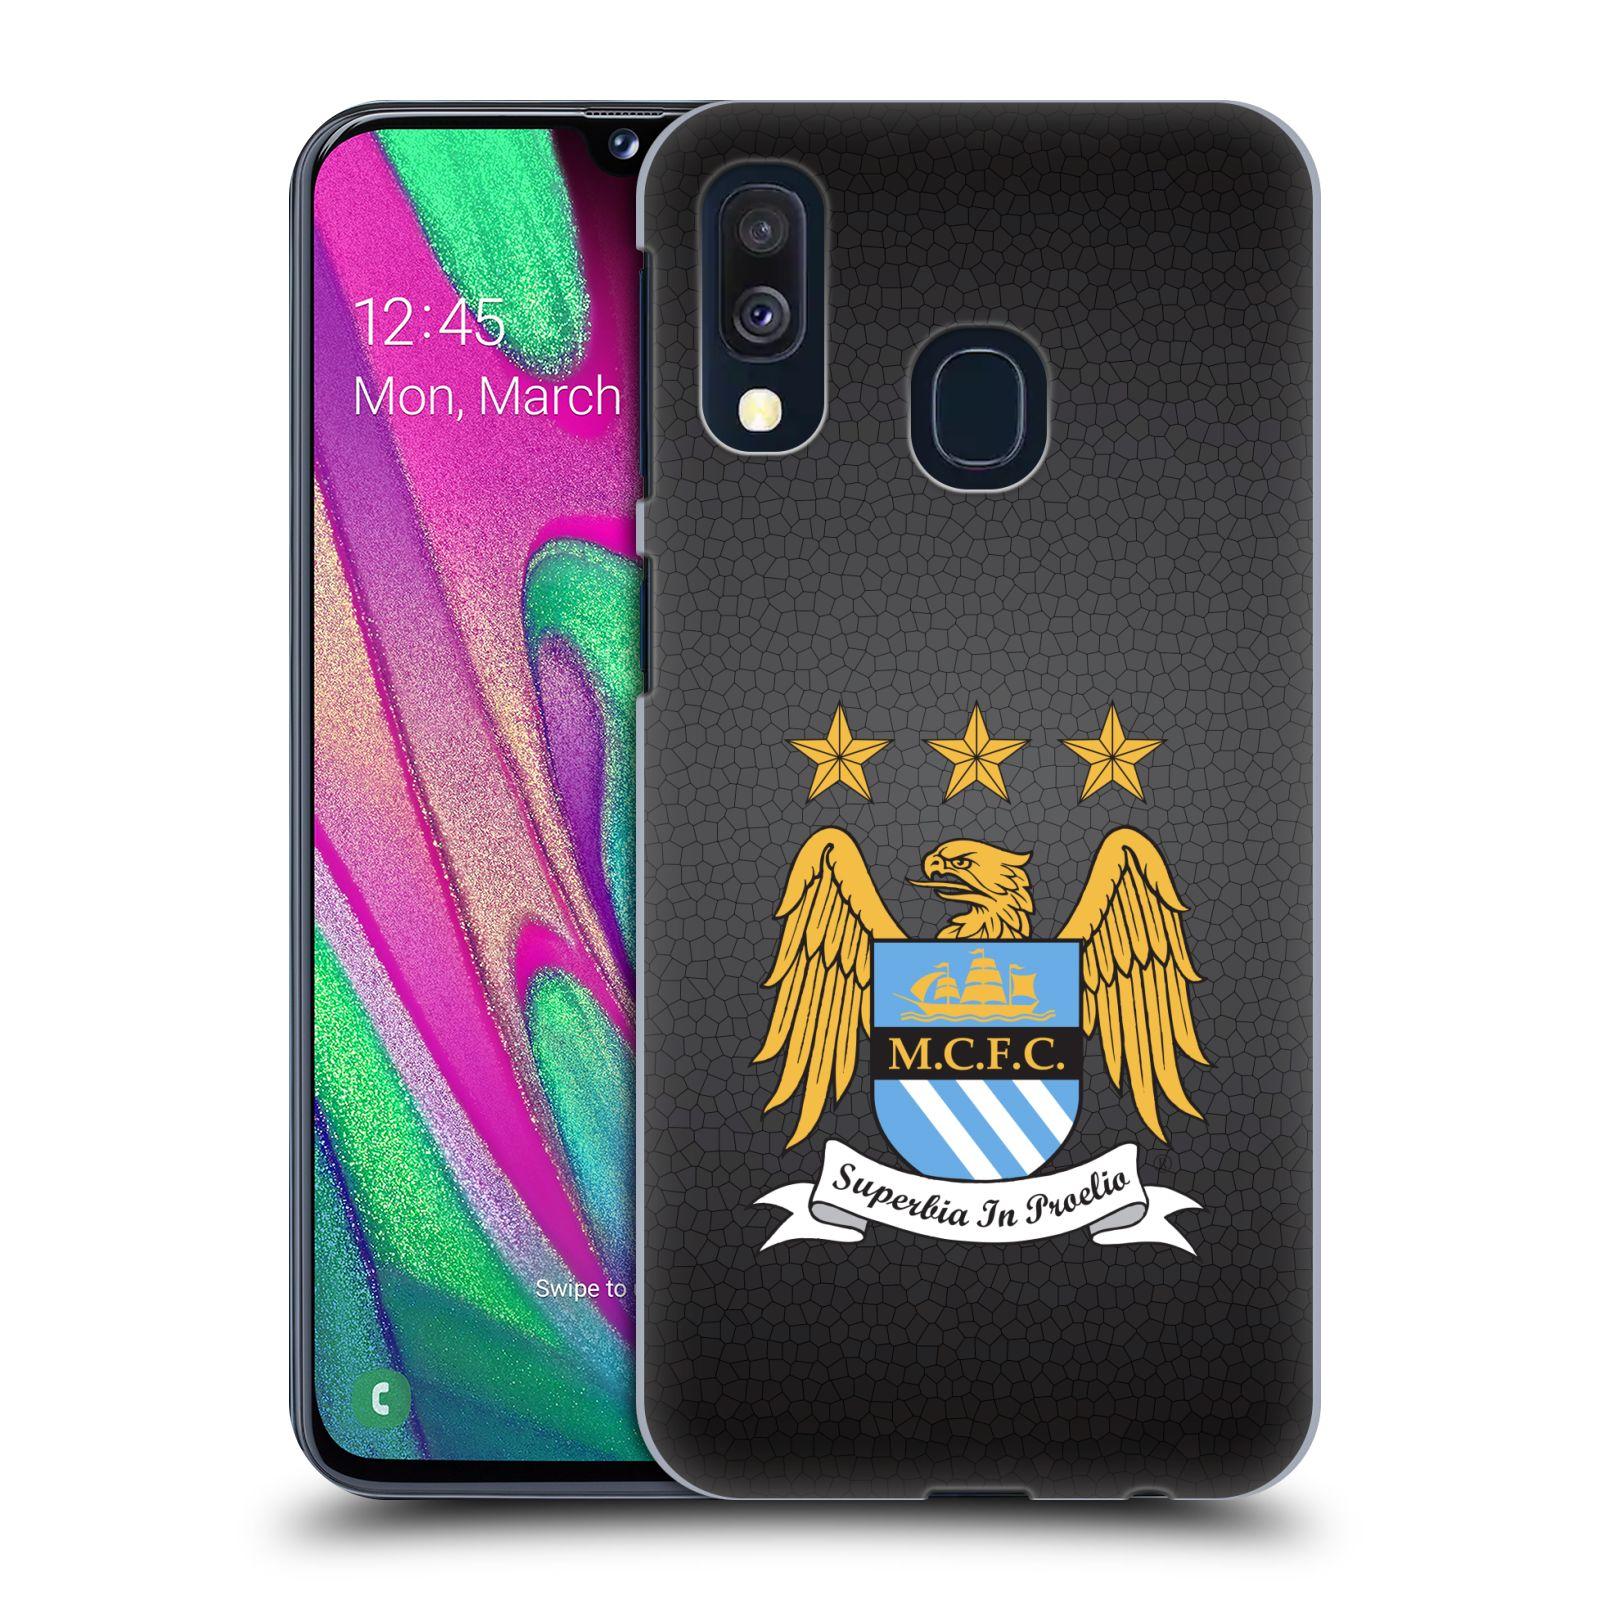 Plastové pouzdro na mobil Samsung Galaxy A40 - Head Case - Manchester City FC - Superbia In Proelio